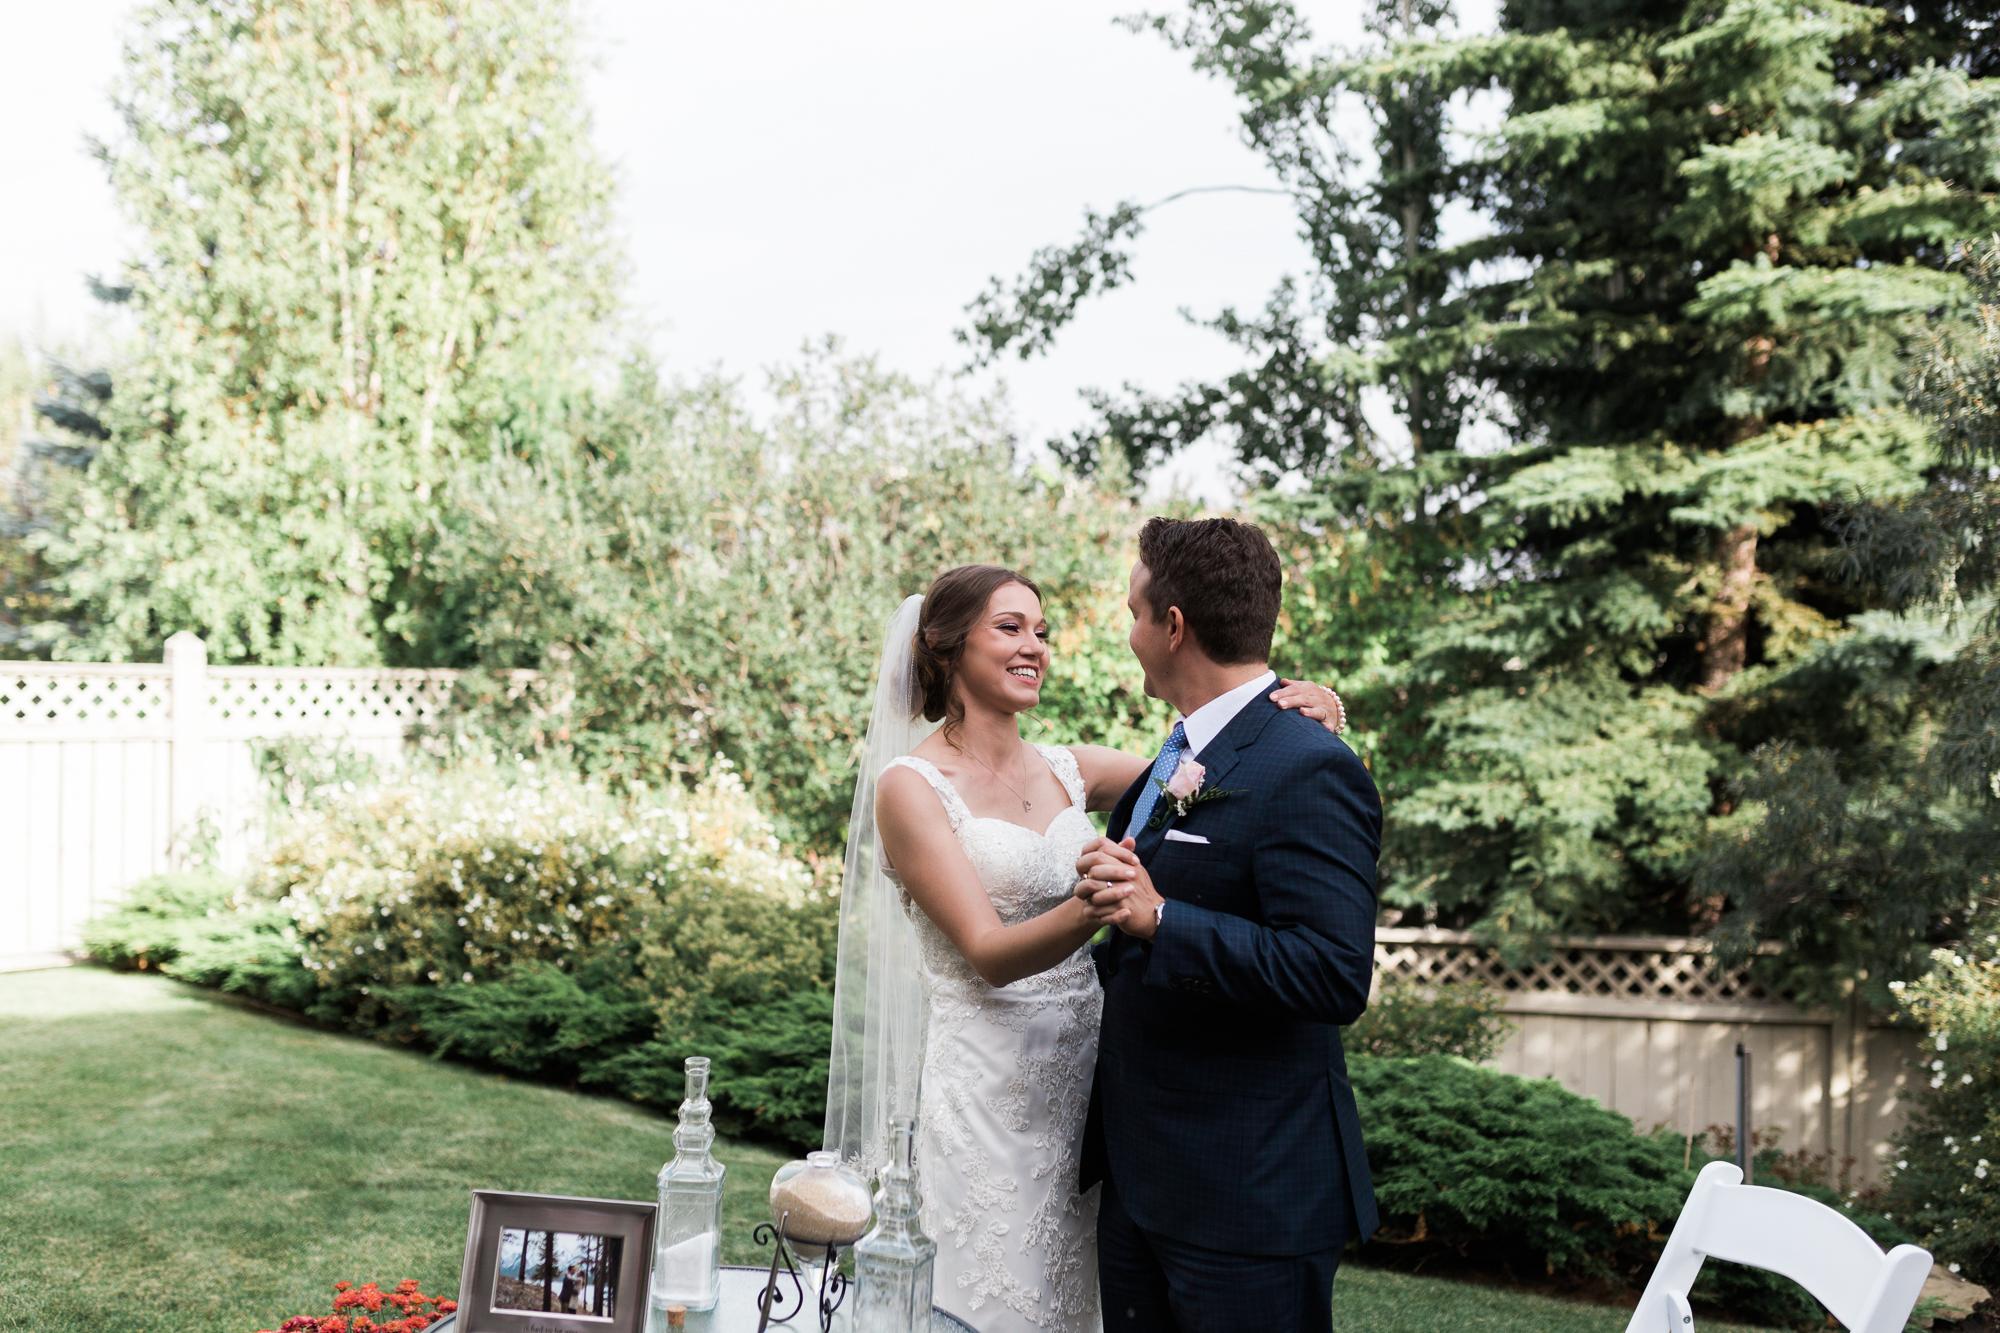 Deanna-Rachel-Photography-calgary-Wedding-photographer-jm-71.jpg